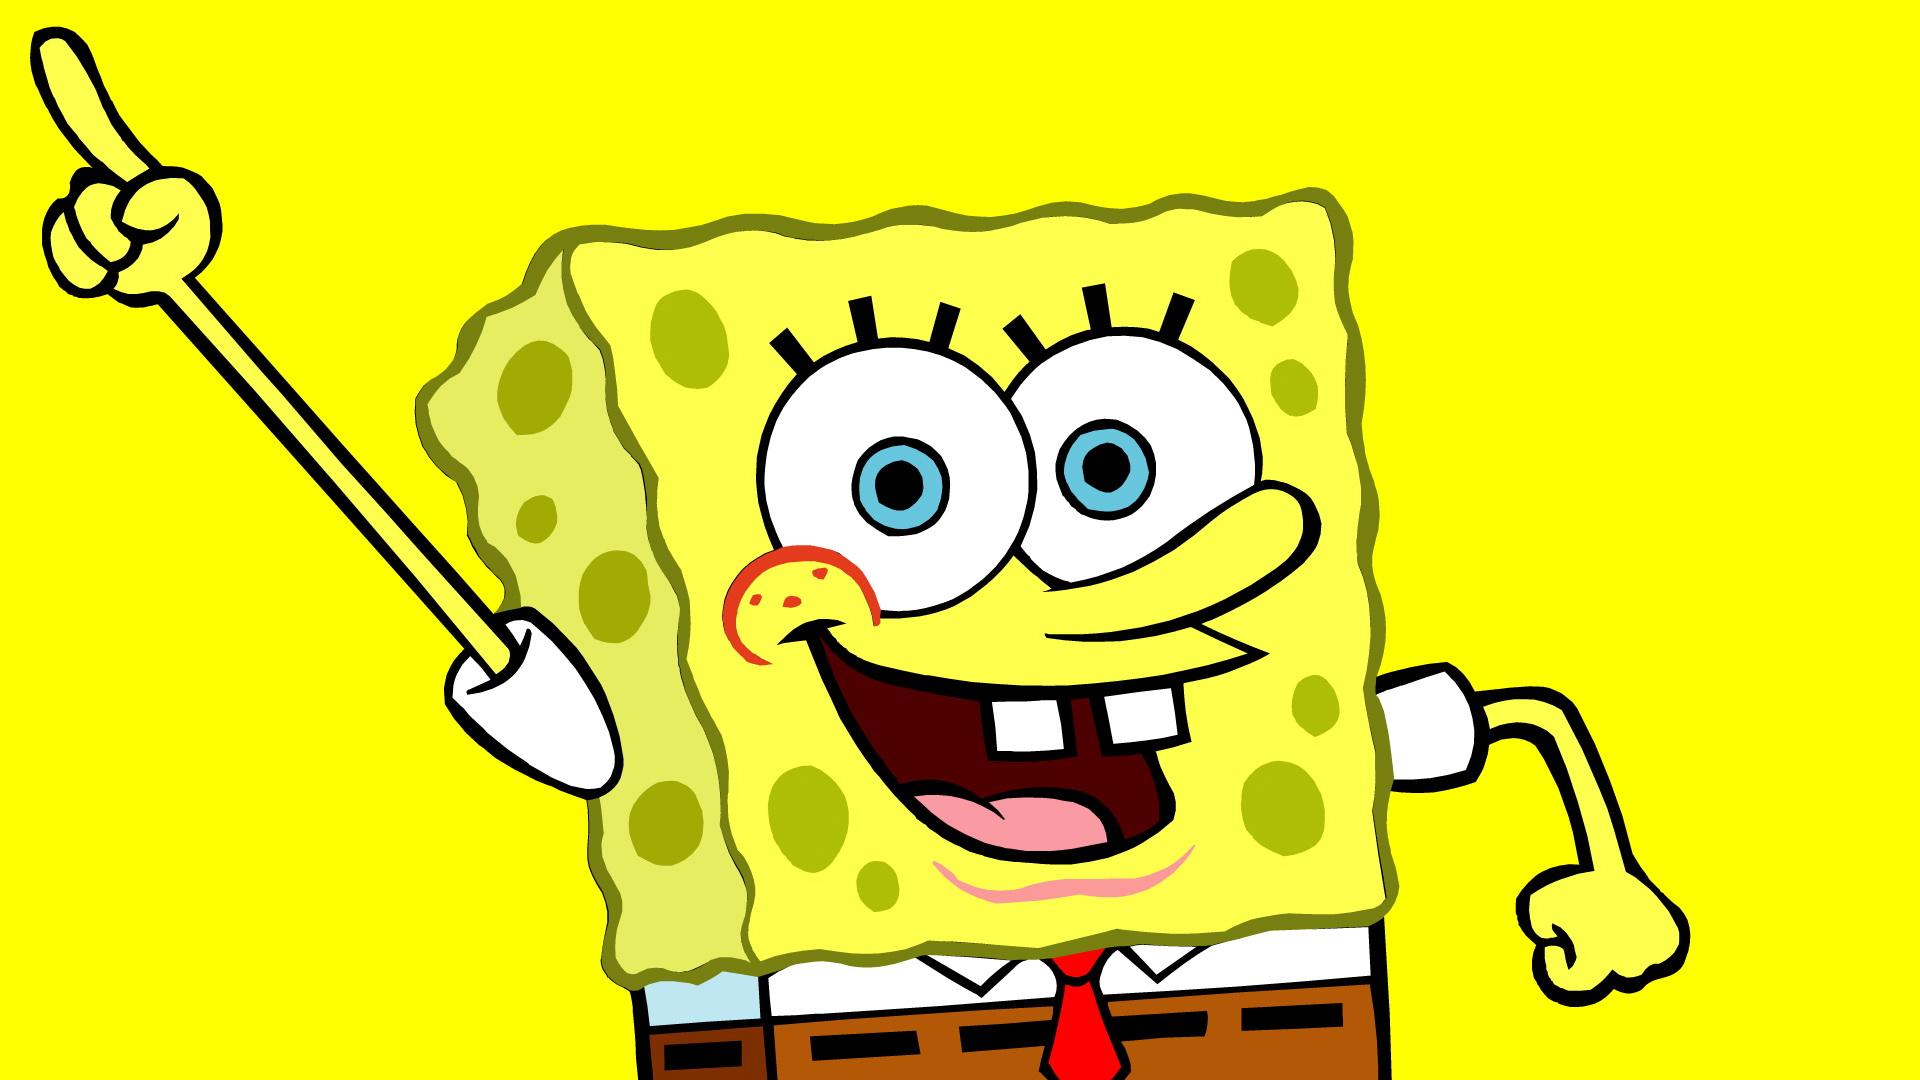 Spongebob Background Pictures Wallpapersafari